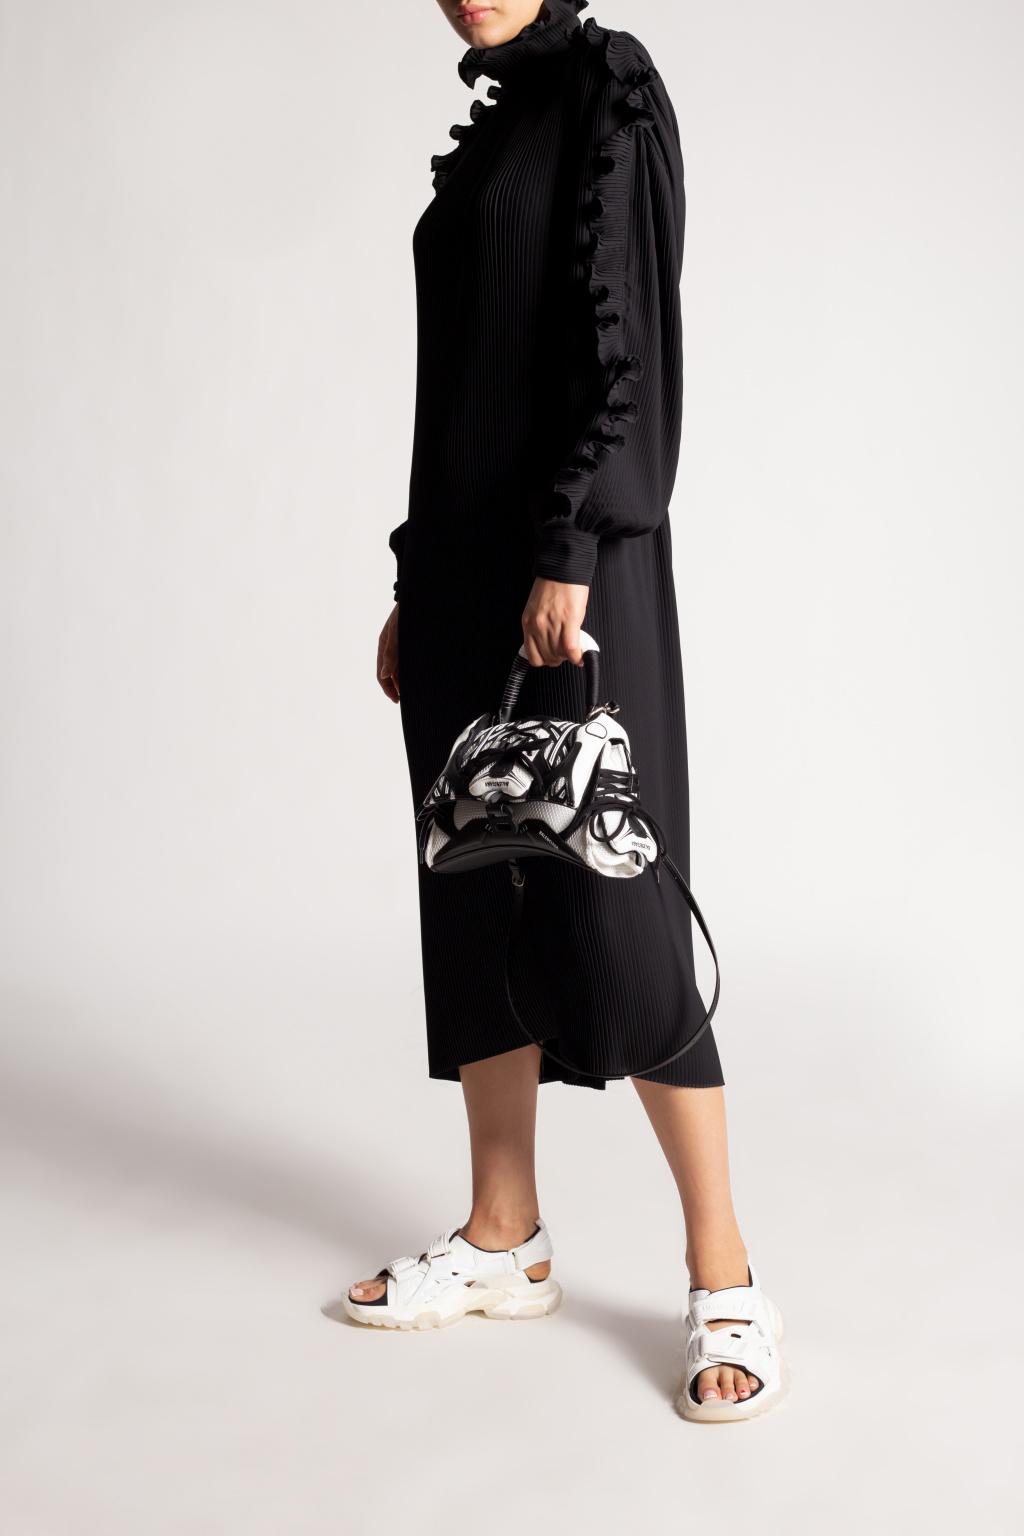 Balenciaga Torba na ramię 'Sneakerhead Small'